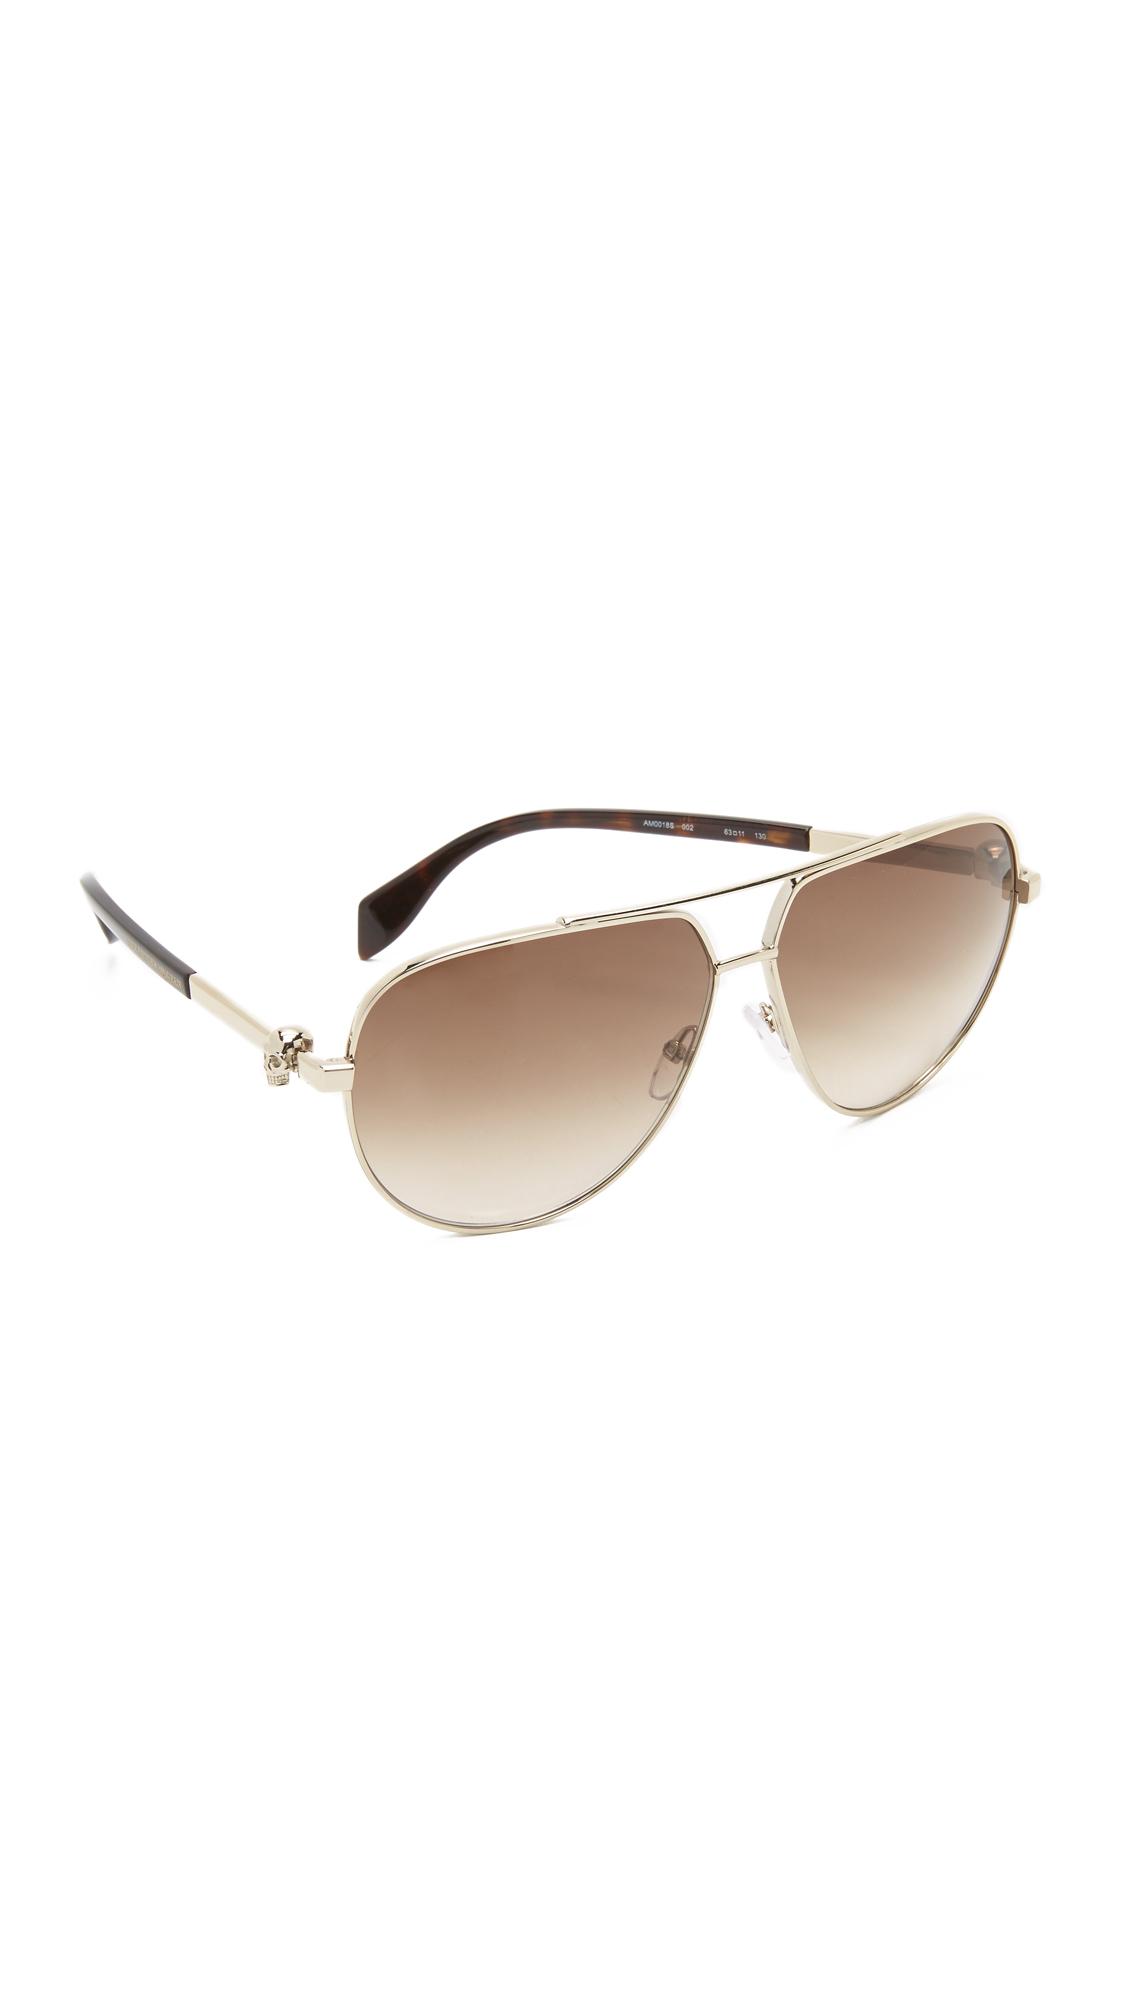 6c5f9d81129 Alexander McQueen Skull Aviator Sunglasses